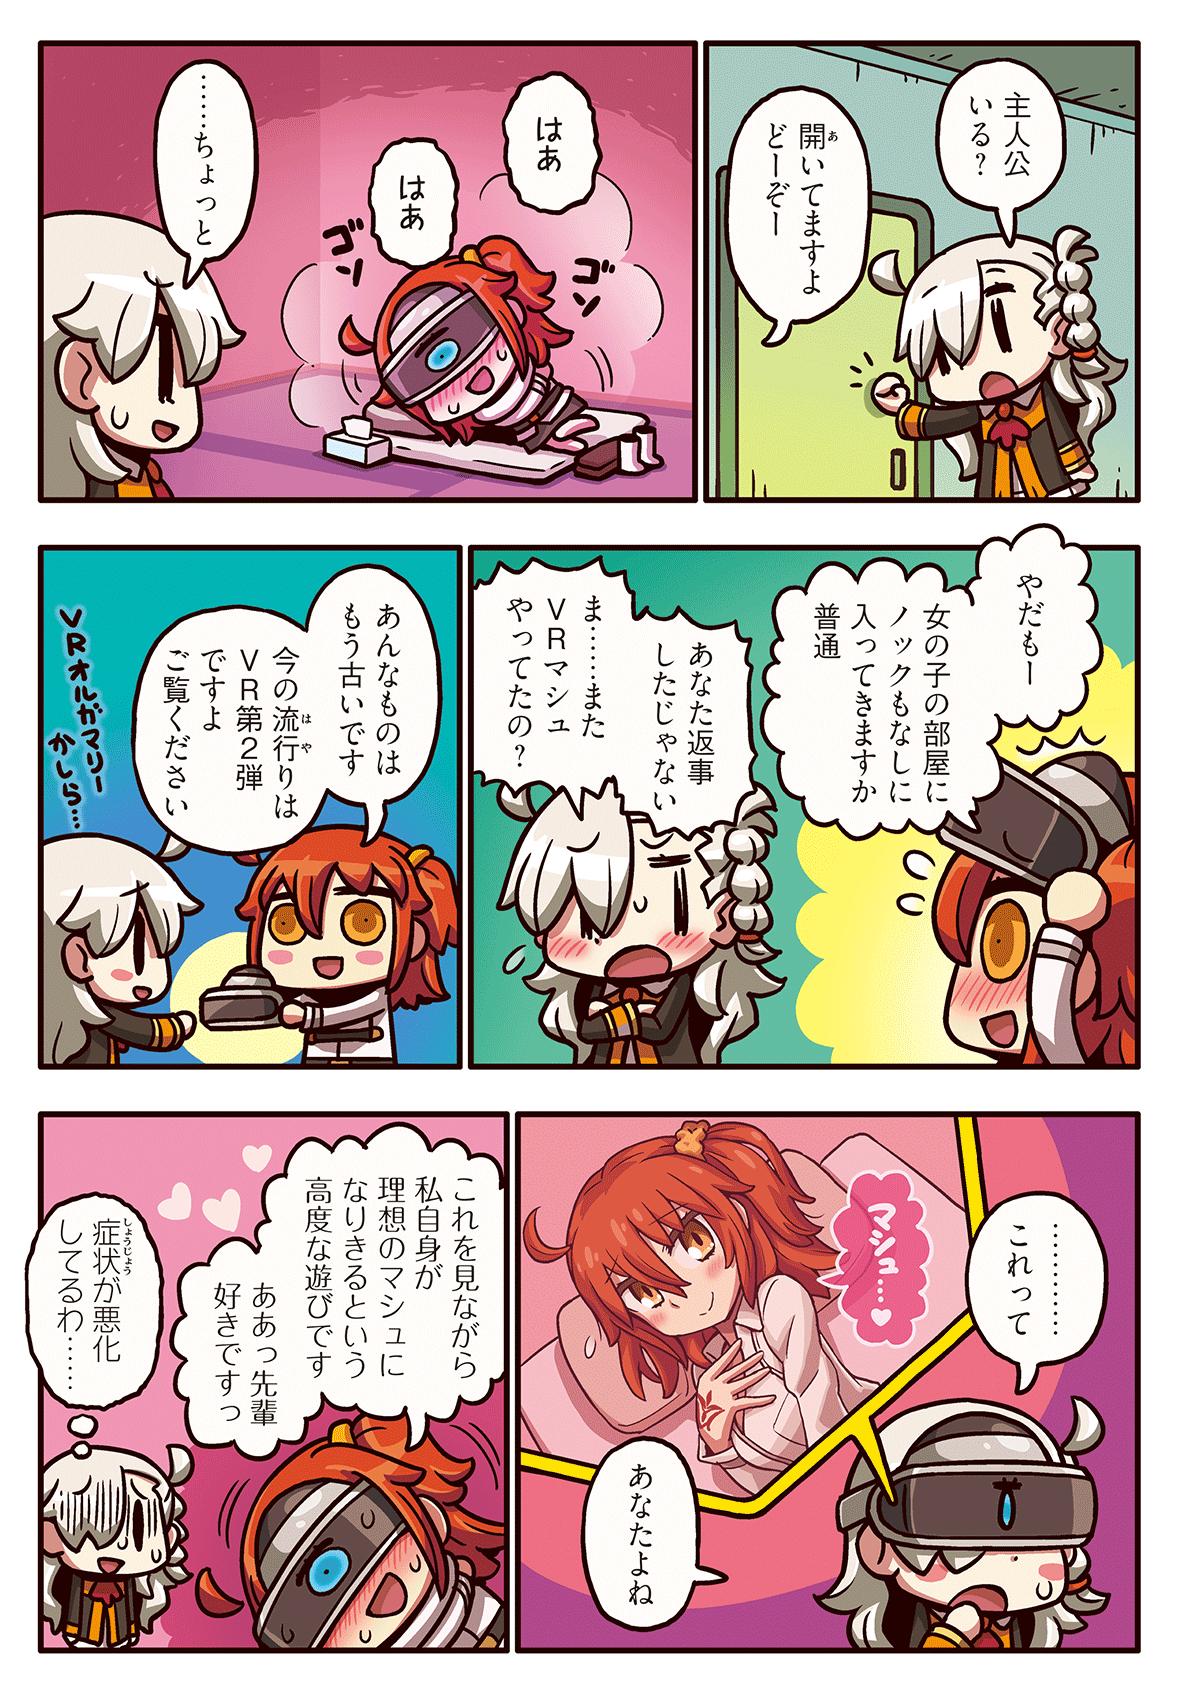 http://www.fate-go.jp/manga_fgo2/images/comic68/comic.png